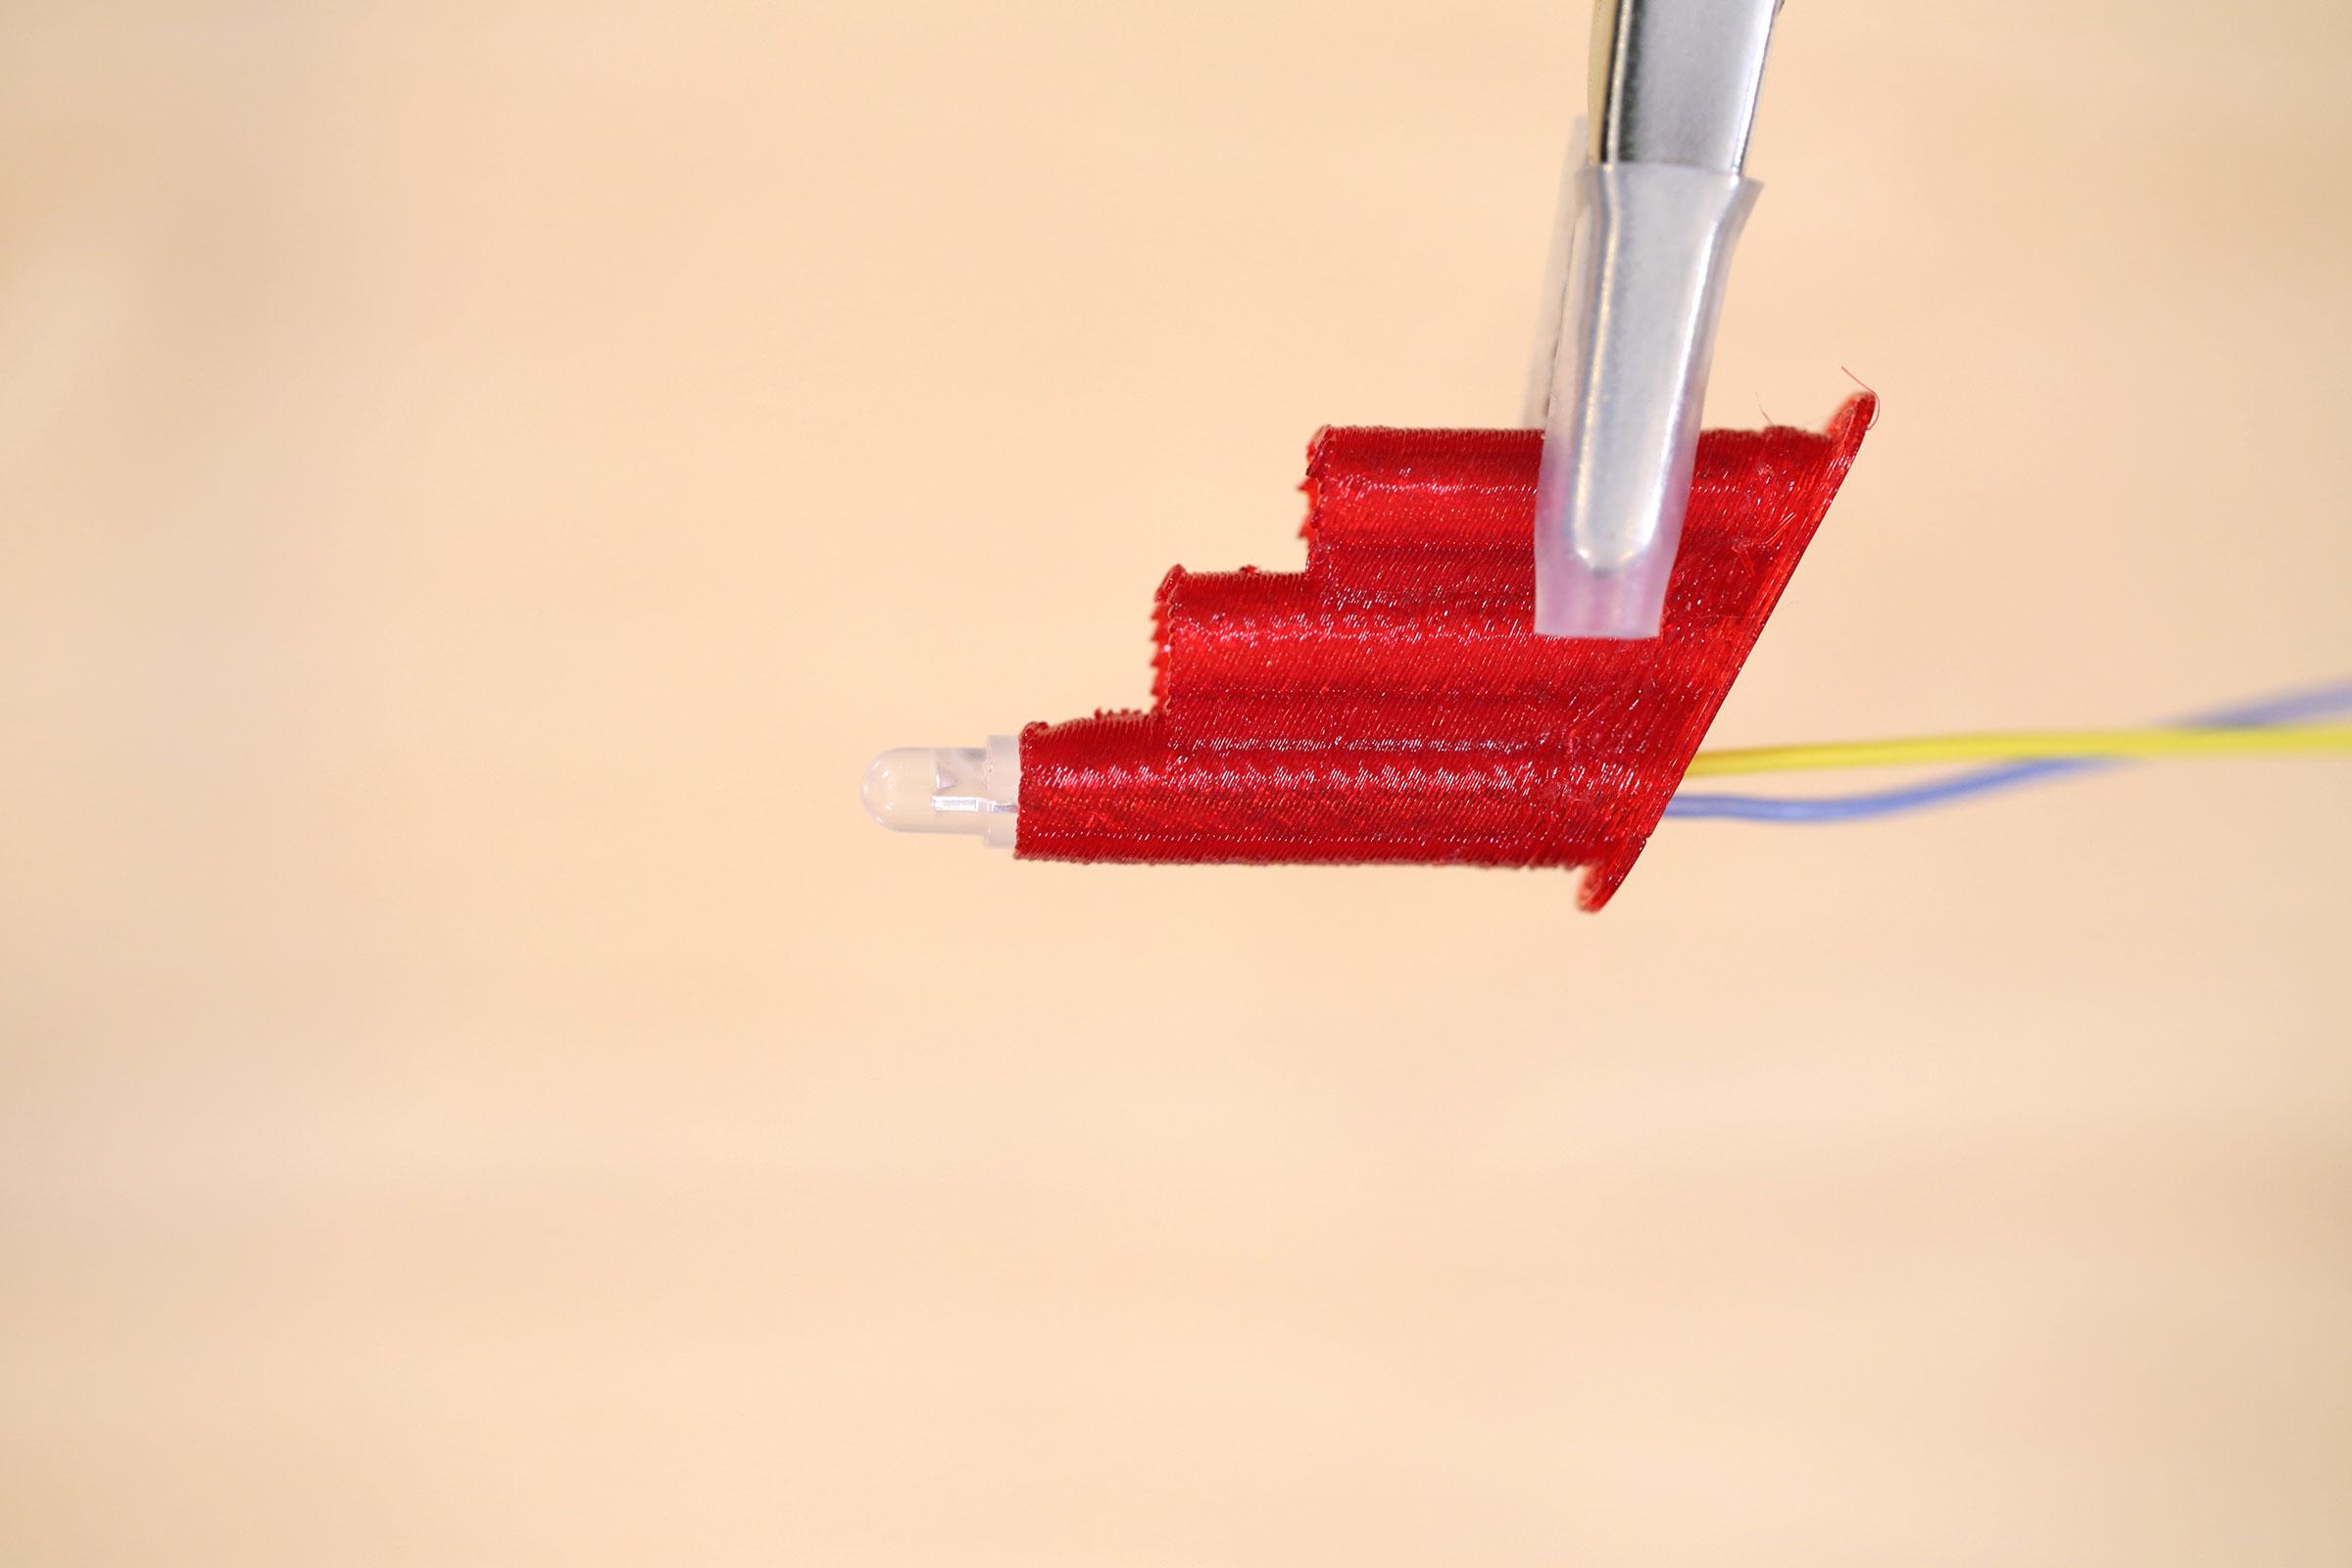 raspberry_pi_led-inserted-antenna.jpg